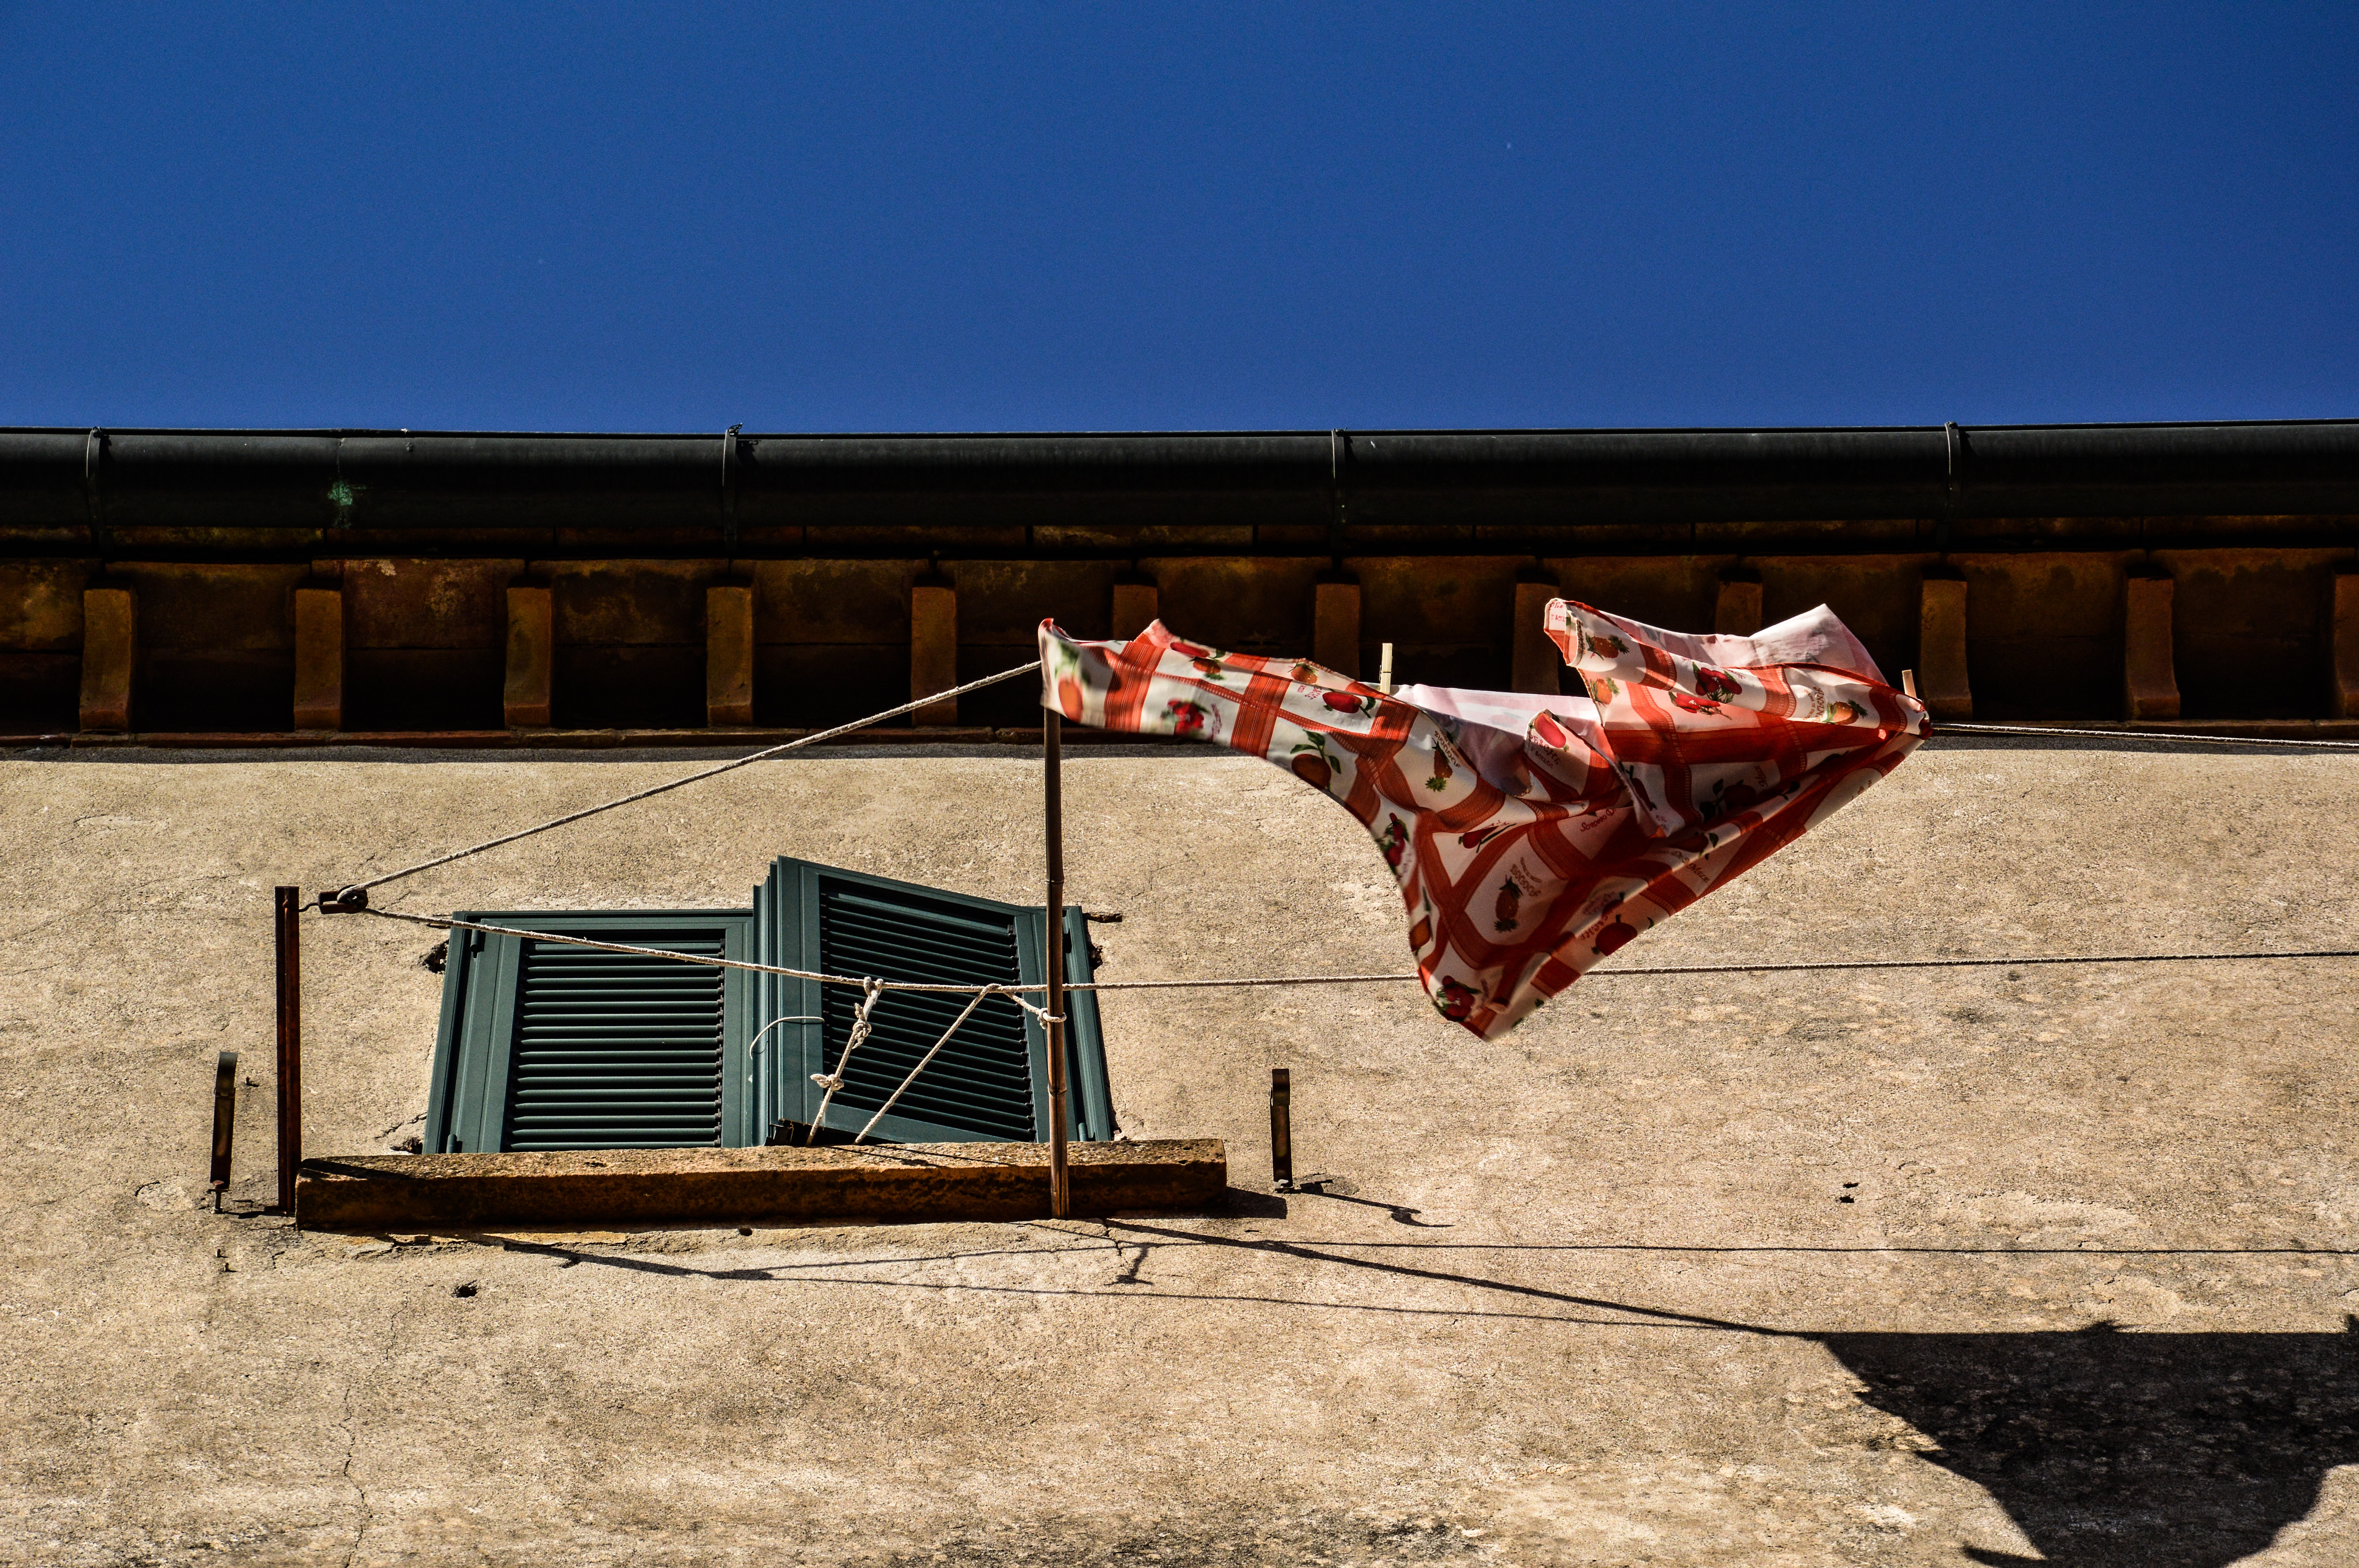 un panno steso al vento che cerca la libertà come le pagine con sfondo il cielo